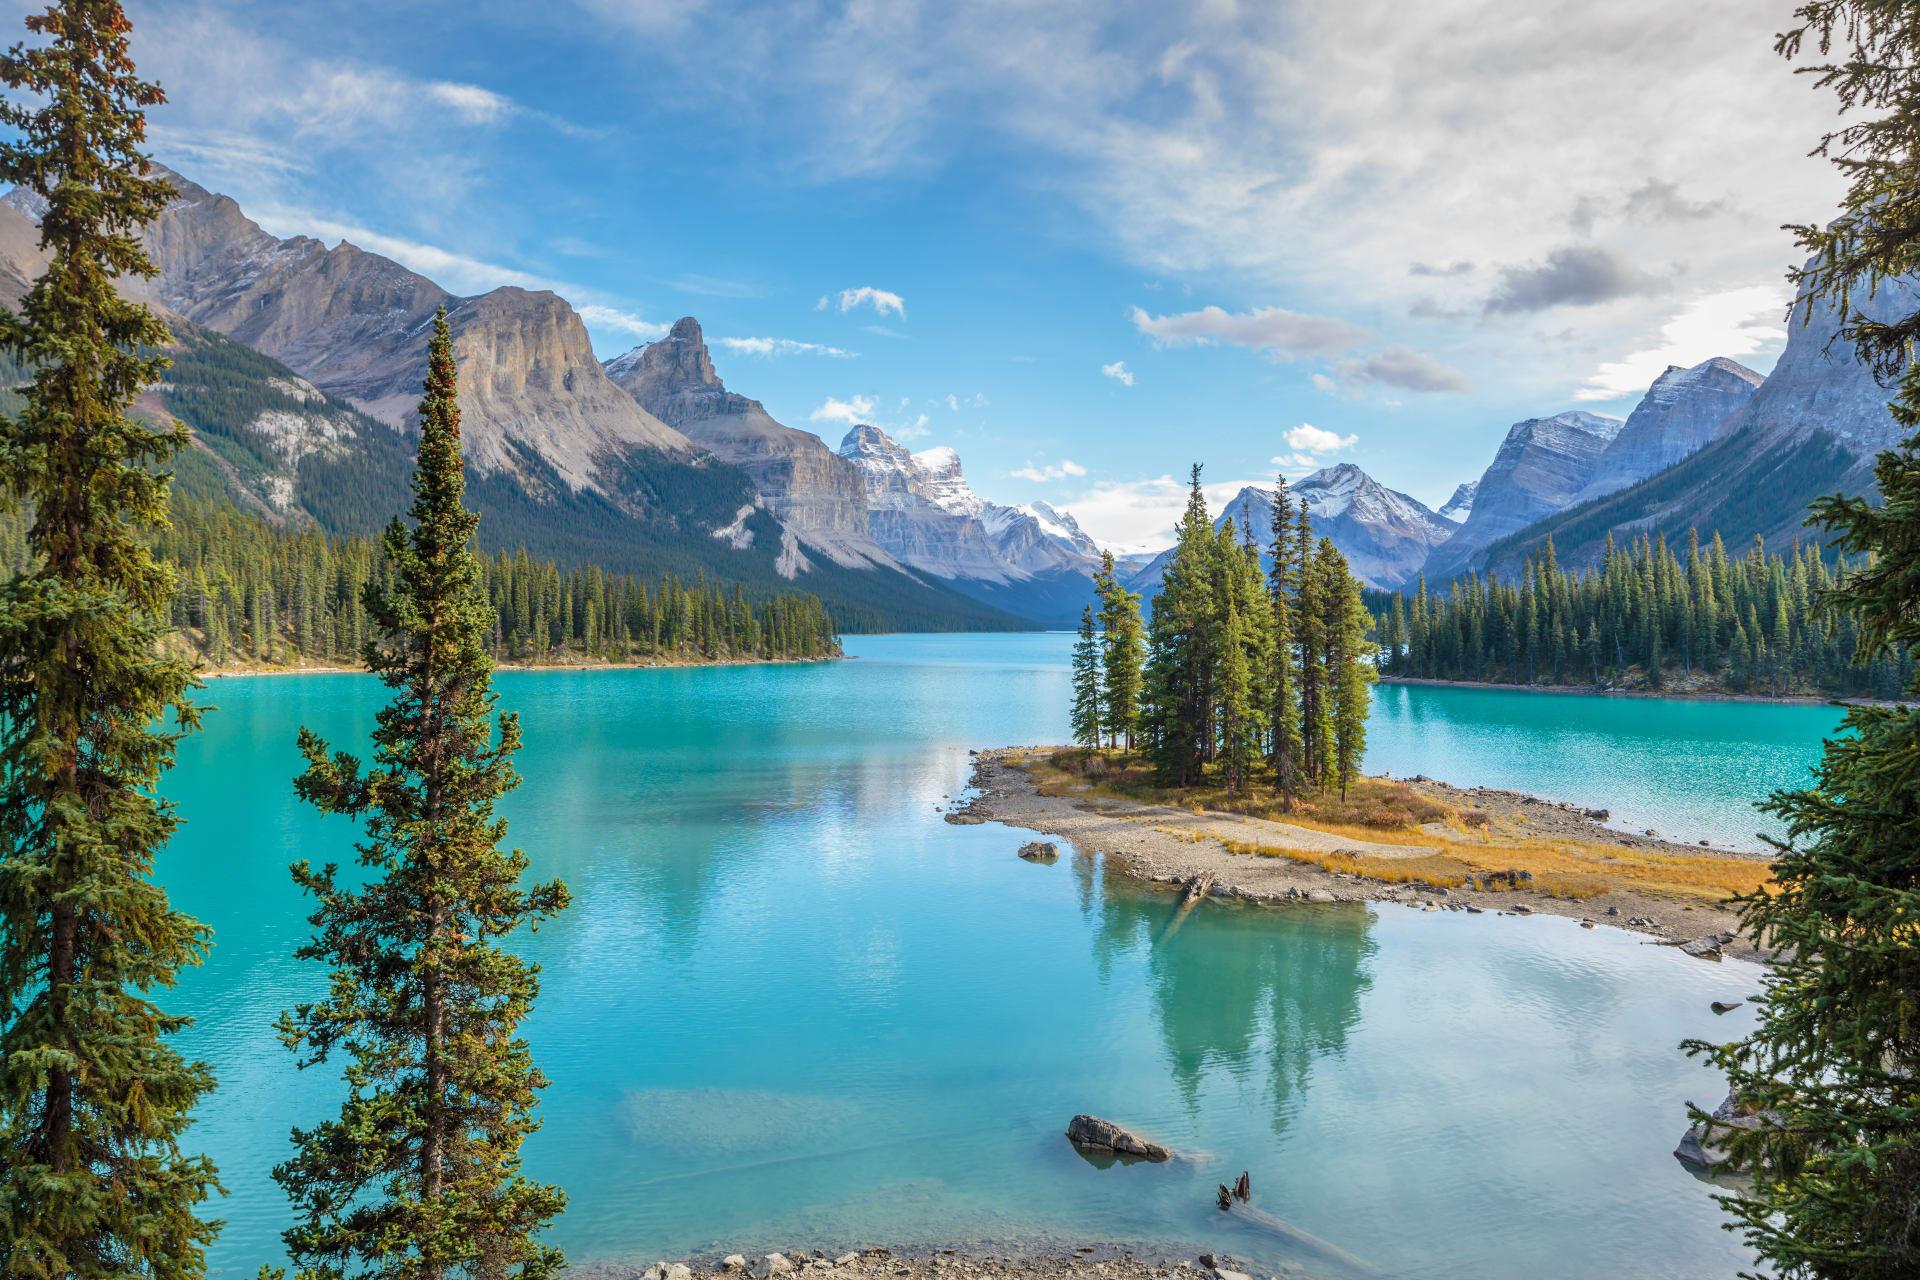 Jasper cover image